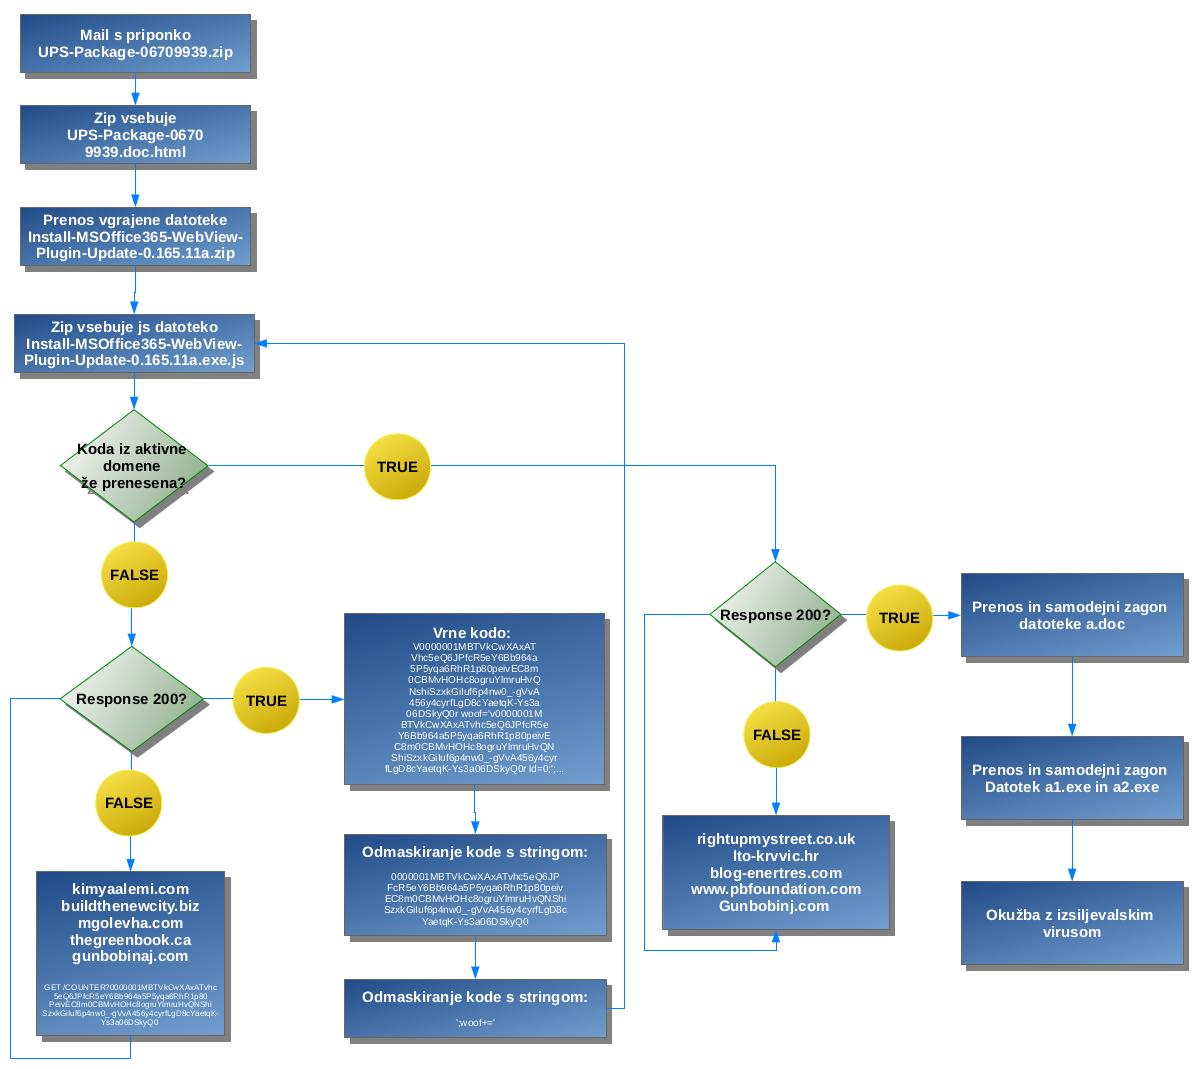 Primer postopka okužbe računalnika od prejetja elektronskega sporočila do okužbe z izsiljevalskim virusom